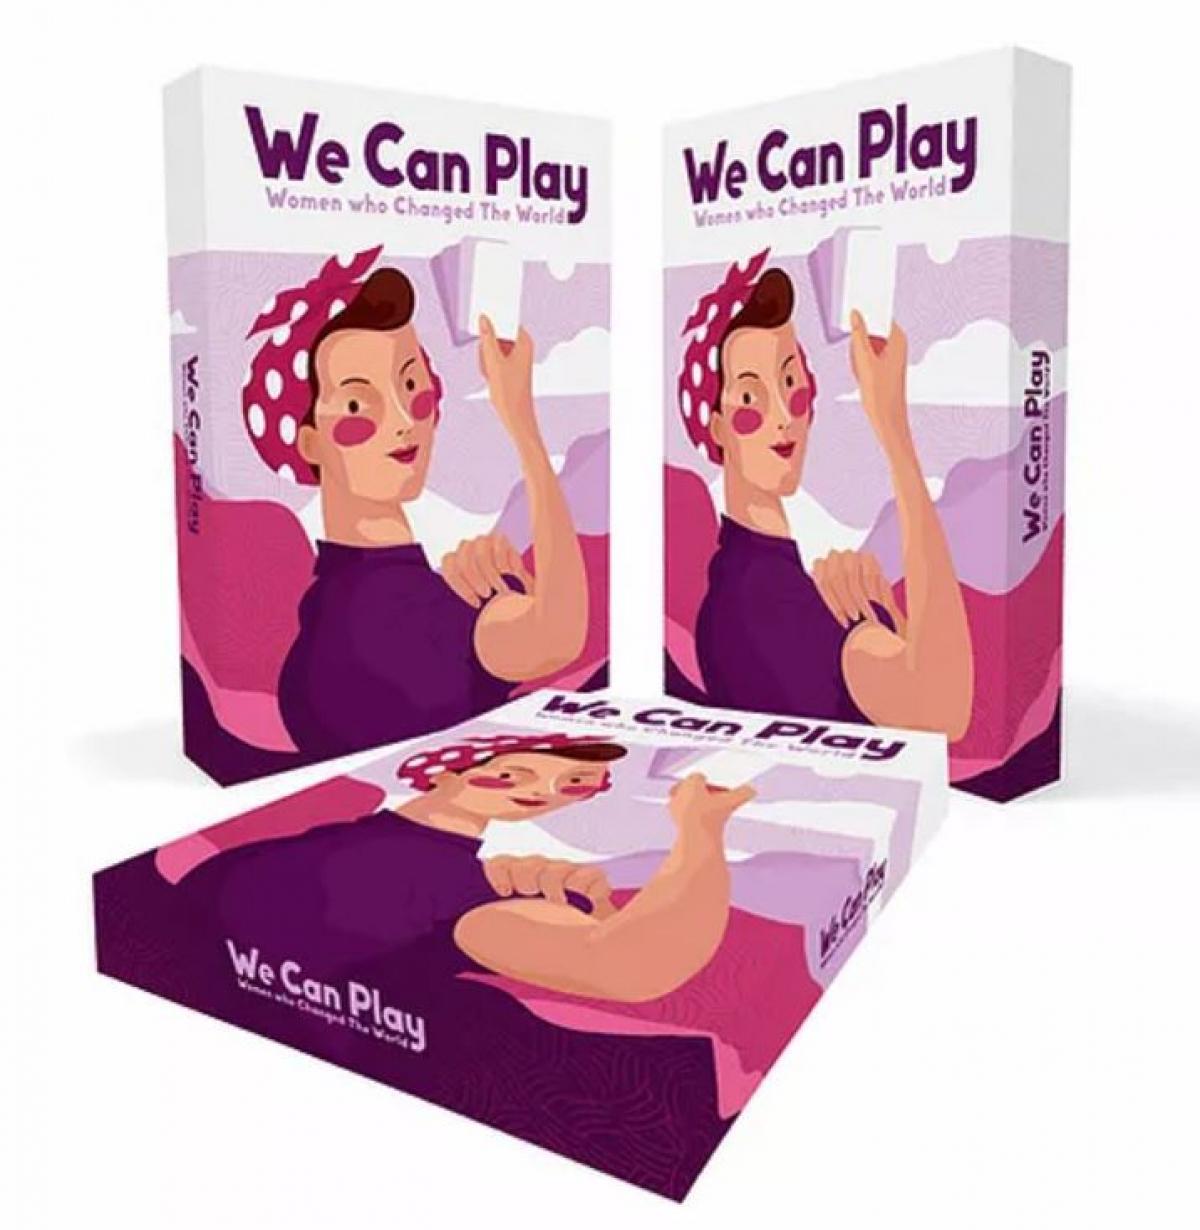 """{""""ru"""":"""""""",""""ca"""":""""Joc de cartes WE CAN PLAY en Catal\u00e0"""",""""de"""":"""""""",""""en"""":"""""""",""""es"""":""""Juego de cartas WE CAN PLAY en Catal\u00e1n """",""""fr"""":"""""""",""""it"""":"""""""",""""pt"""":""""""""}"""